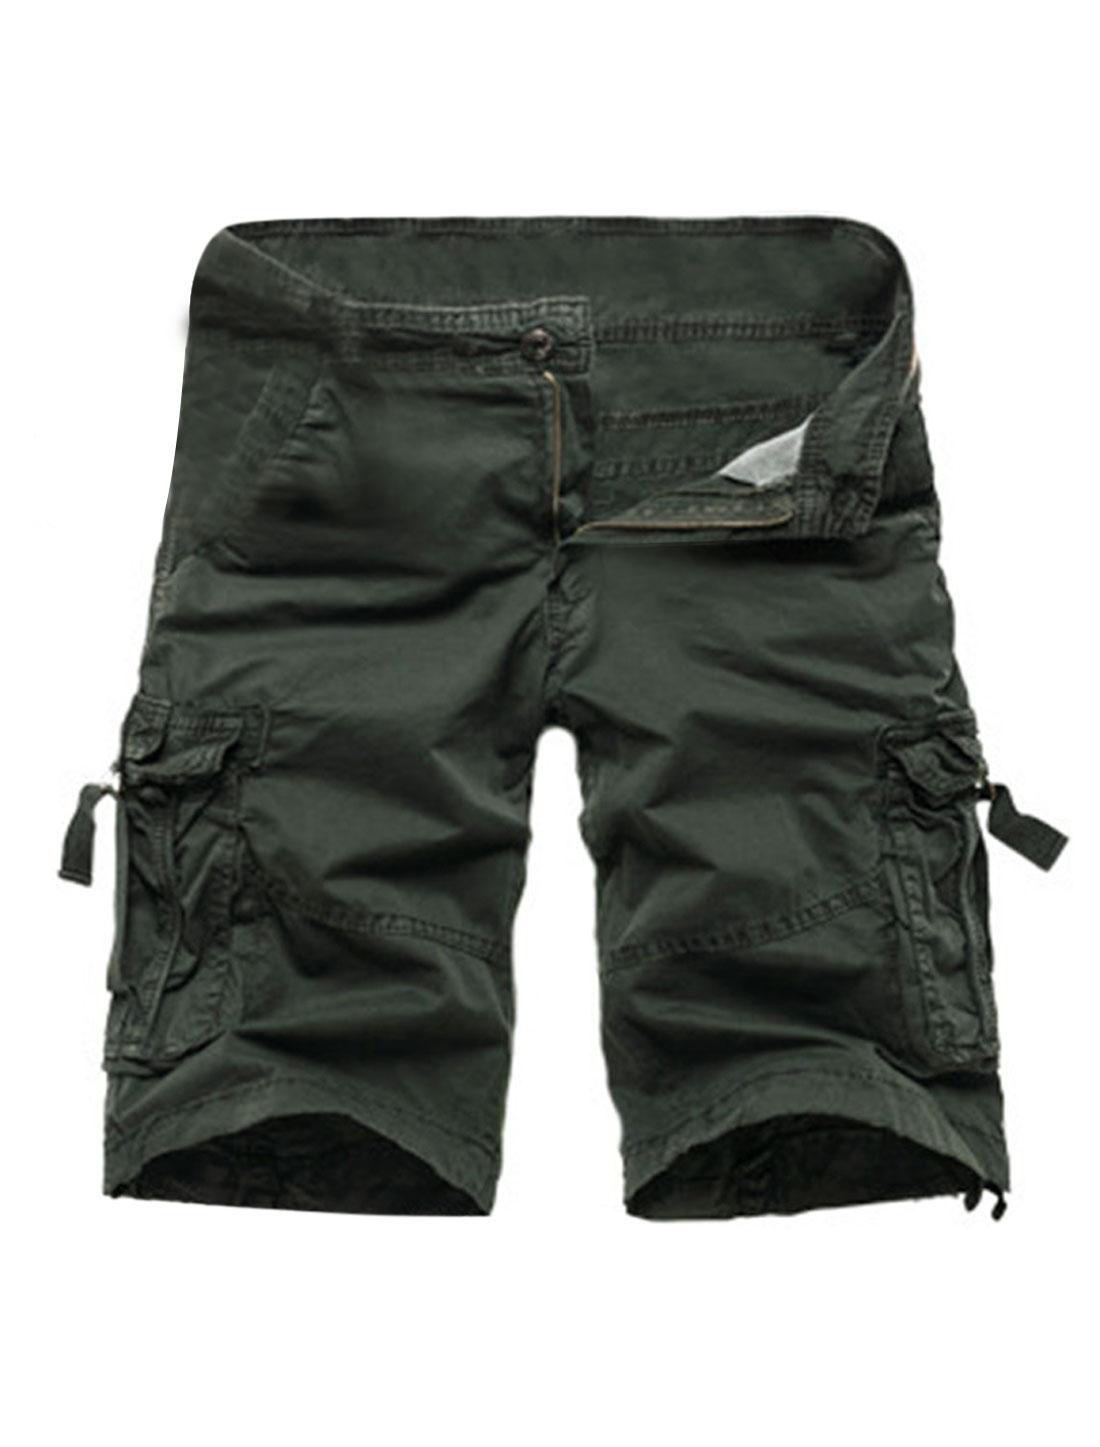 Man Mid Rise Drawstring Cuffs Cargo Shorts Army Green W34